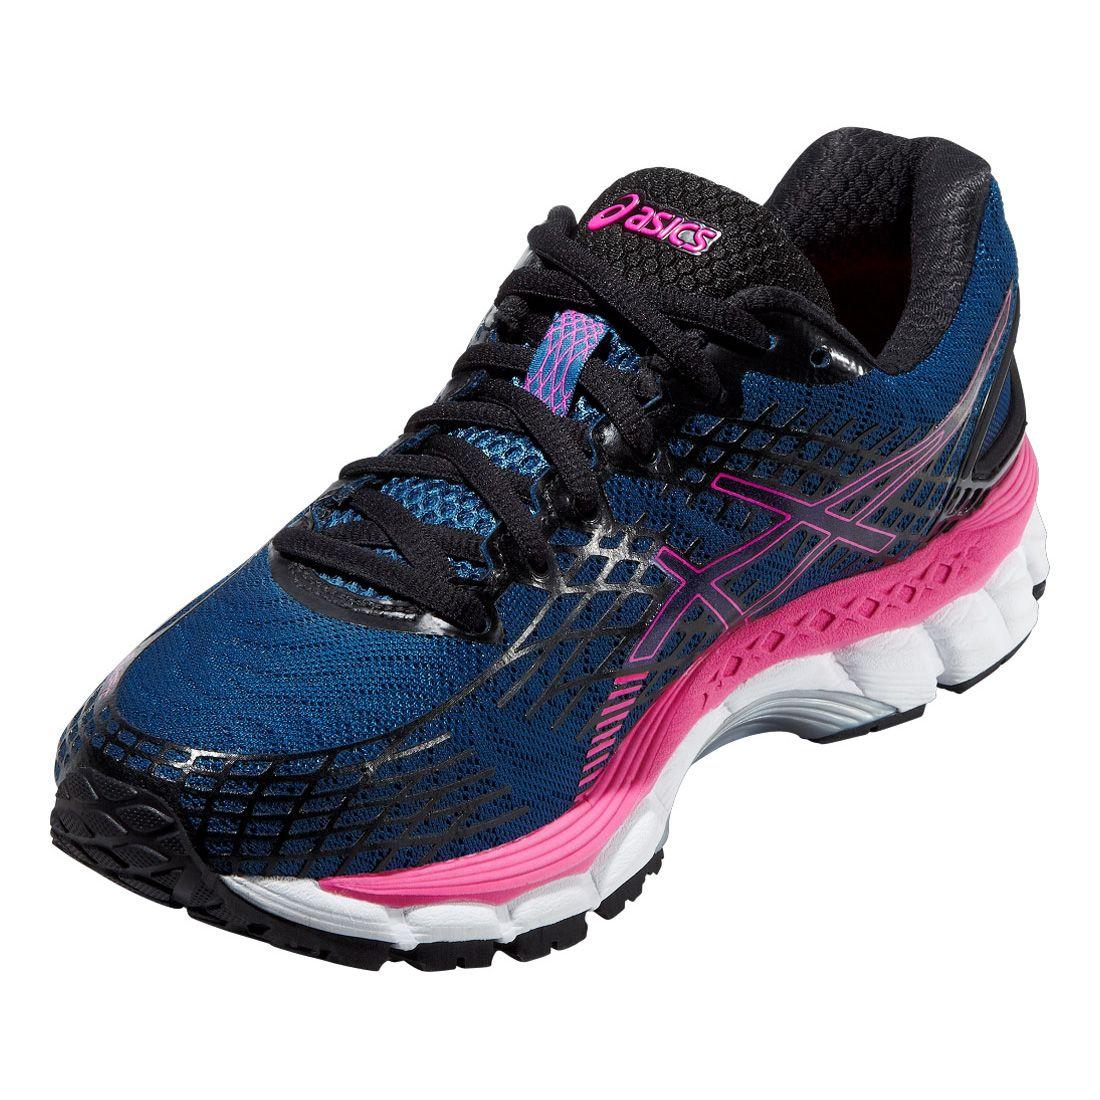 Asics Gel Nimbus  Ladies Running Shoes Sale